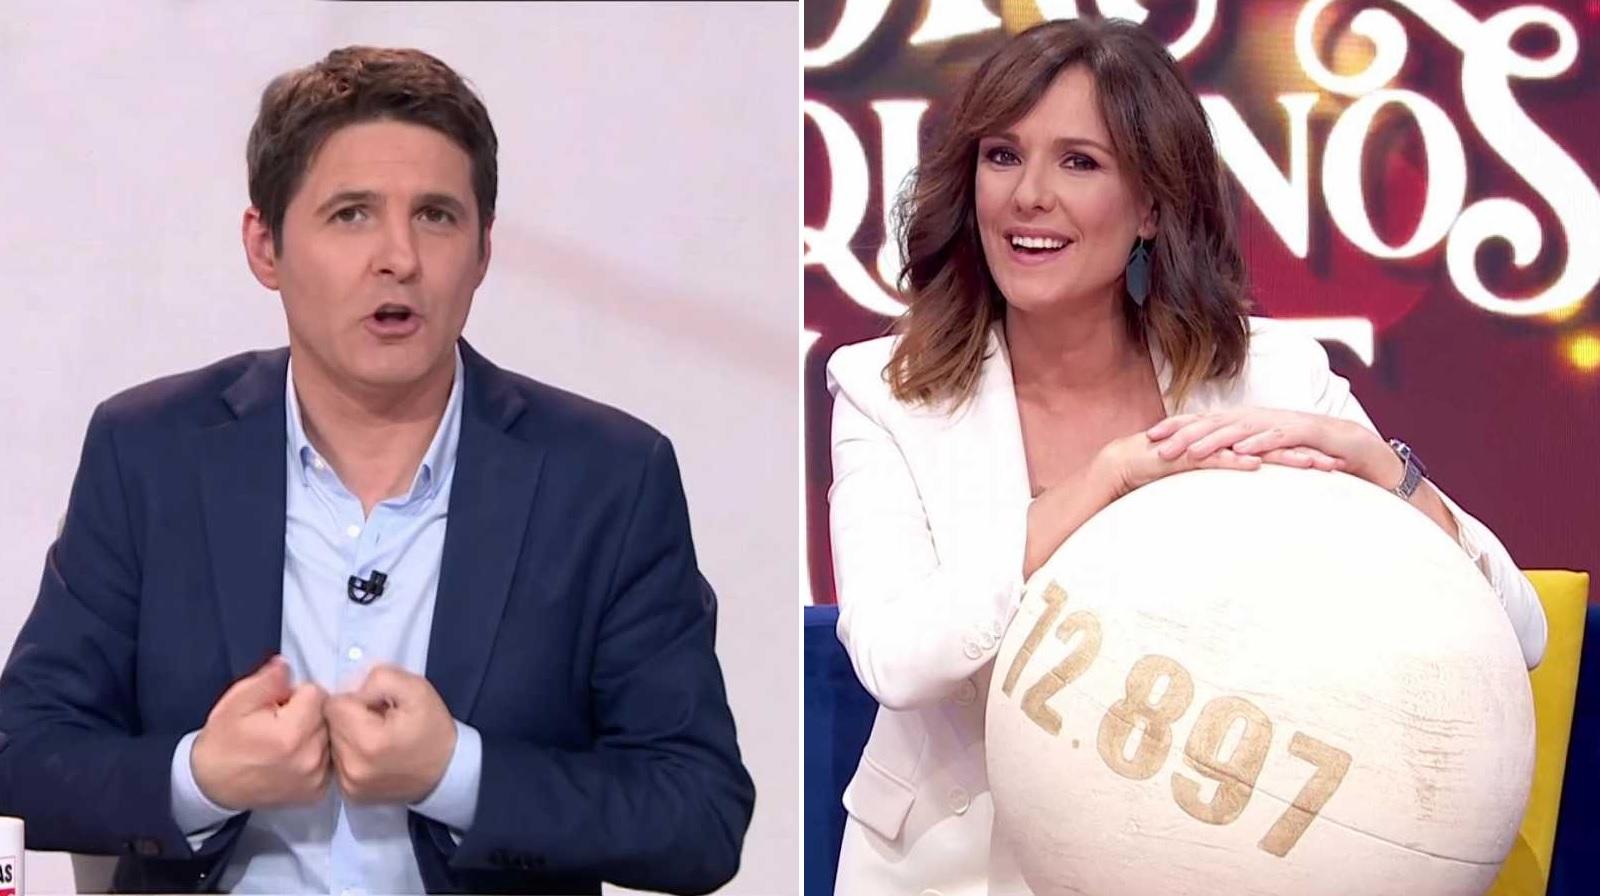 Jesús Cintora (i), conductor de 'Las cosas claras'; y Mónica López (d), presentadora de 'La hora de La 1', protagonistas de la franja matinal externalizada de La 1 de TVE | RTVE/Archivo